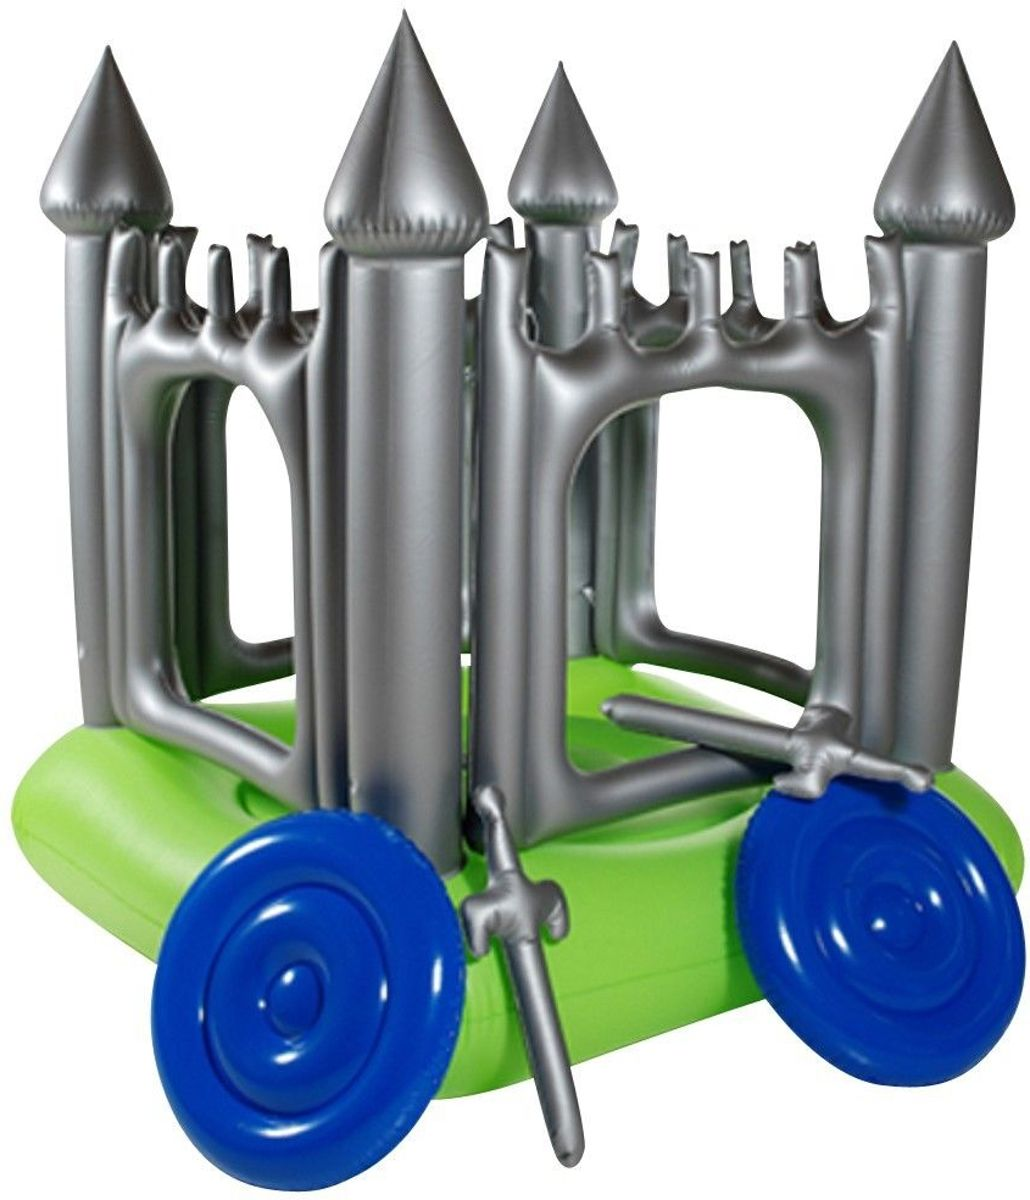 Springkussen kasteel / springkasteel -  160x160x180cm - inclusief accessoires